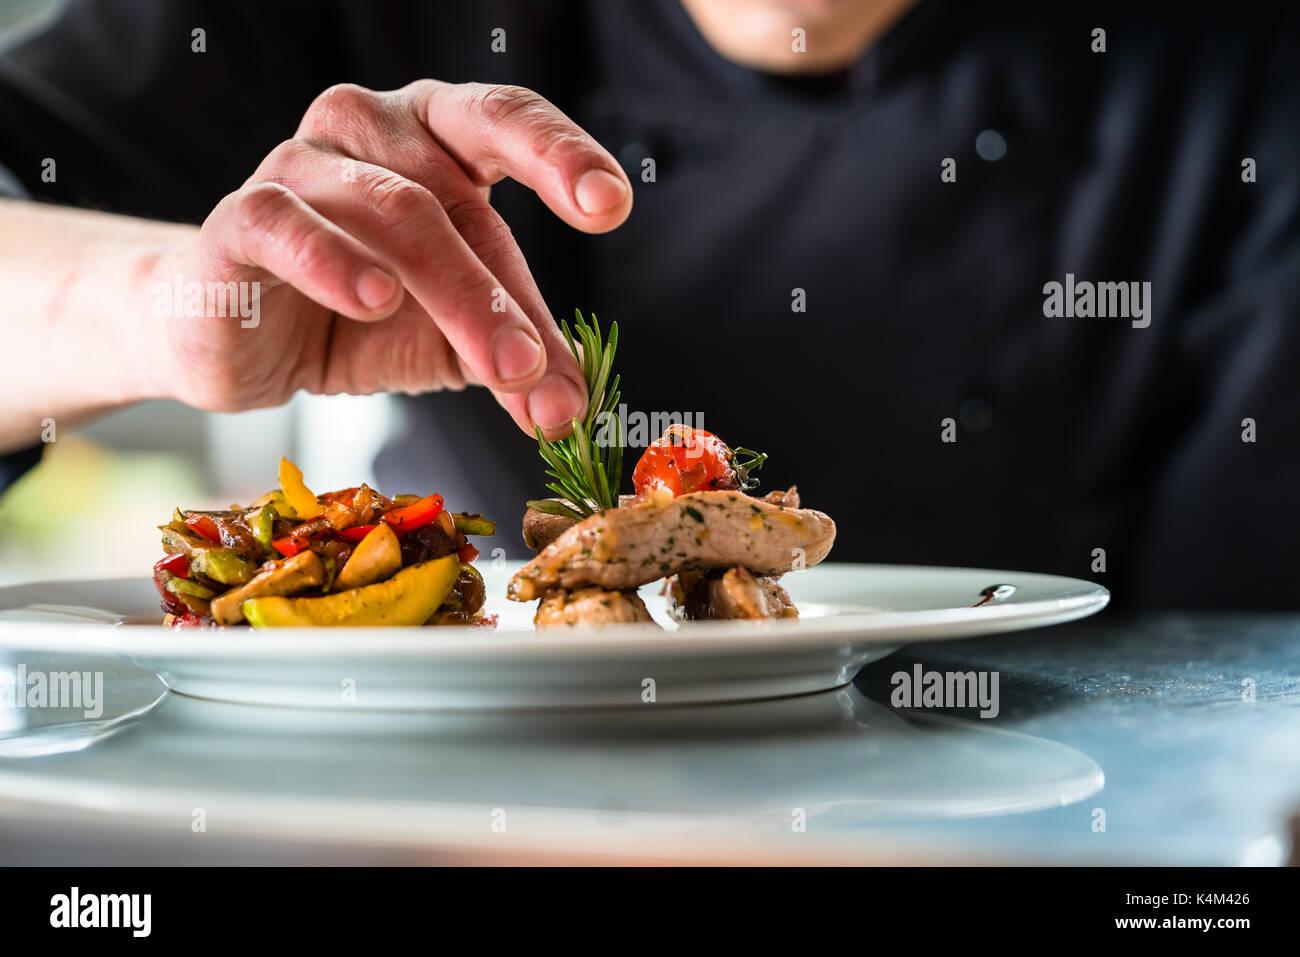 Koch Endbearbeitung und Garnieren von Essen, das er bereit Stockbild